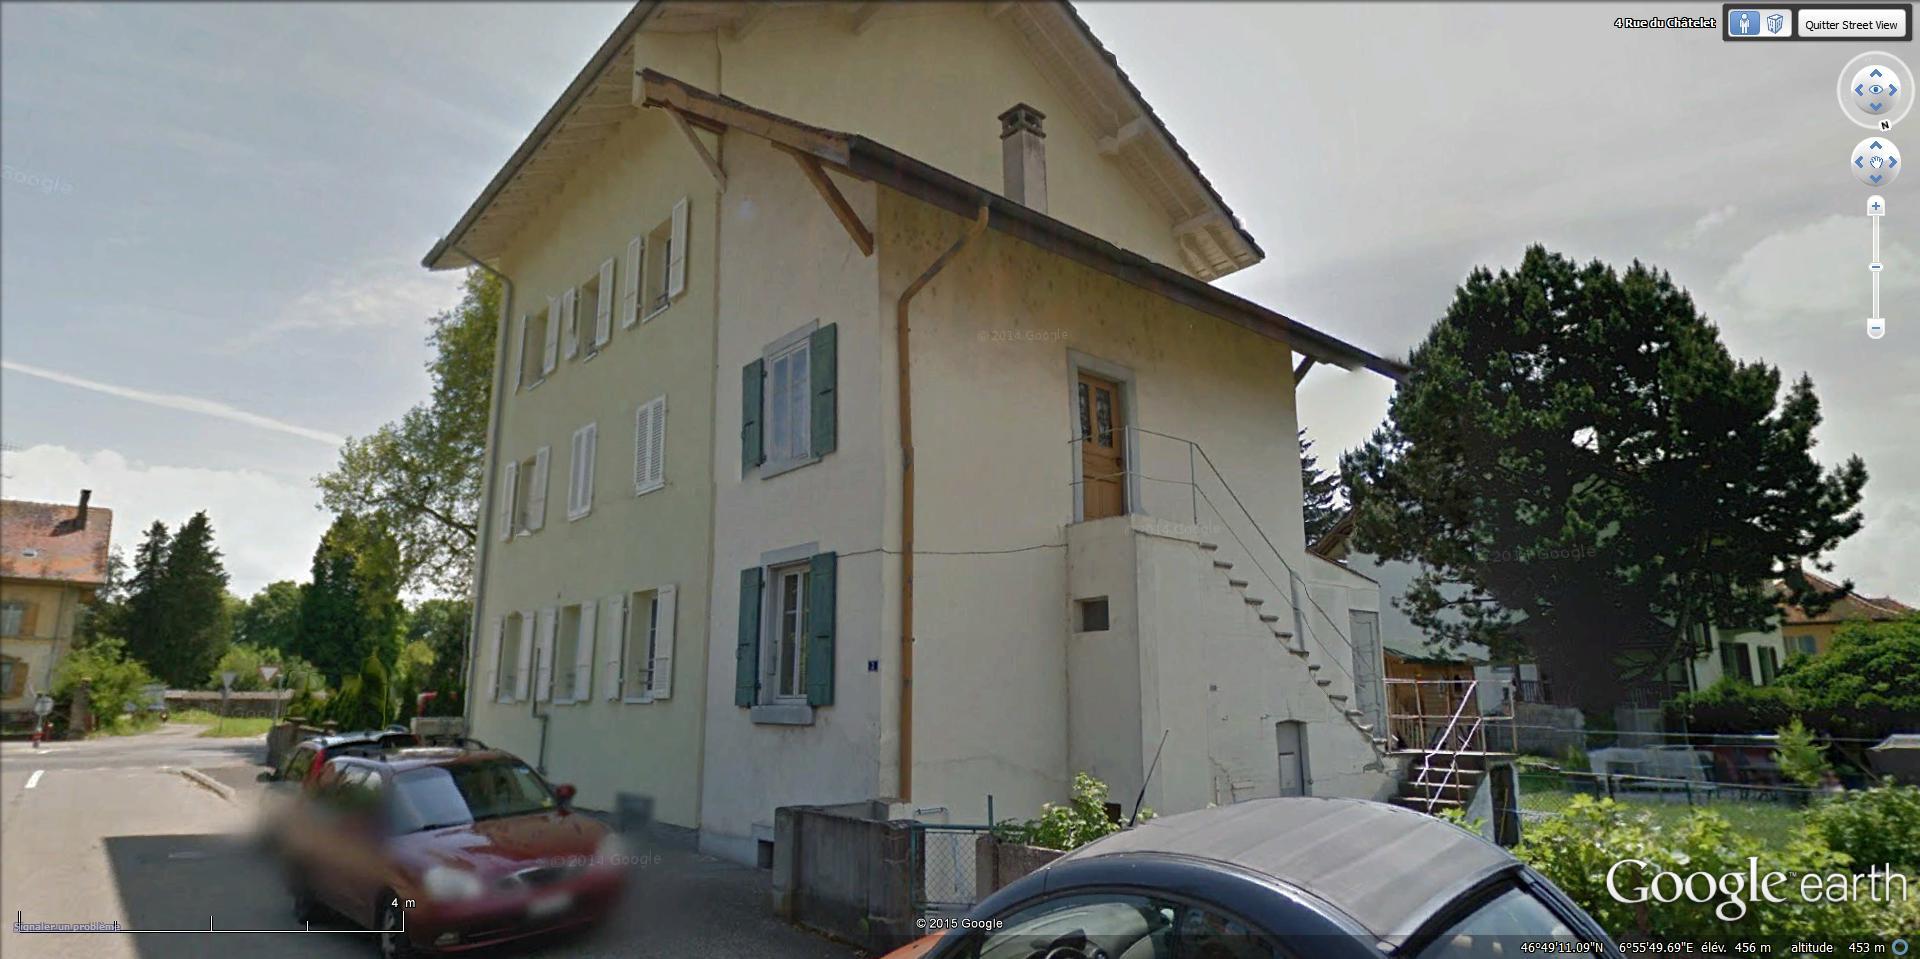 [Désormais visible sur Google Earth] Une maison s'écroule 4 Rue du Châtelet Payerne, Vaud La_gc_11